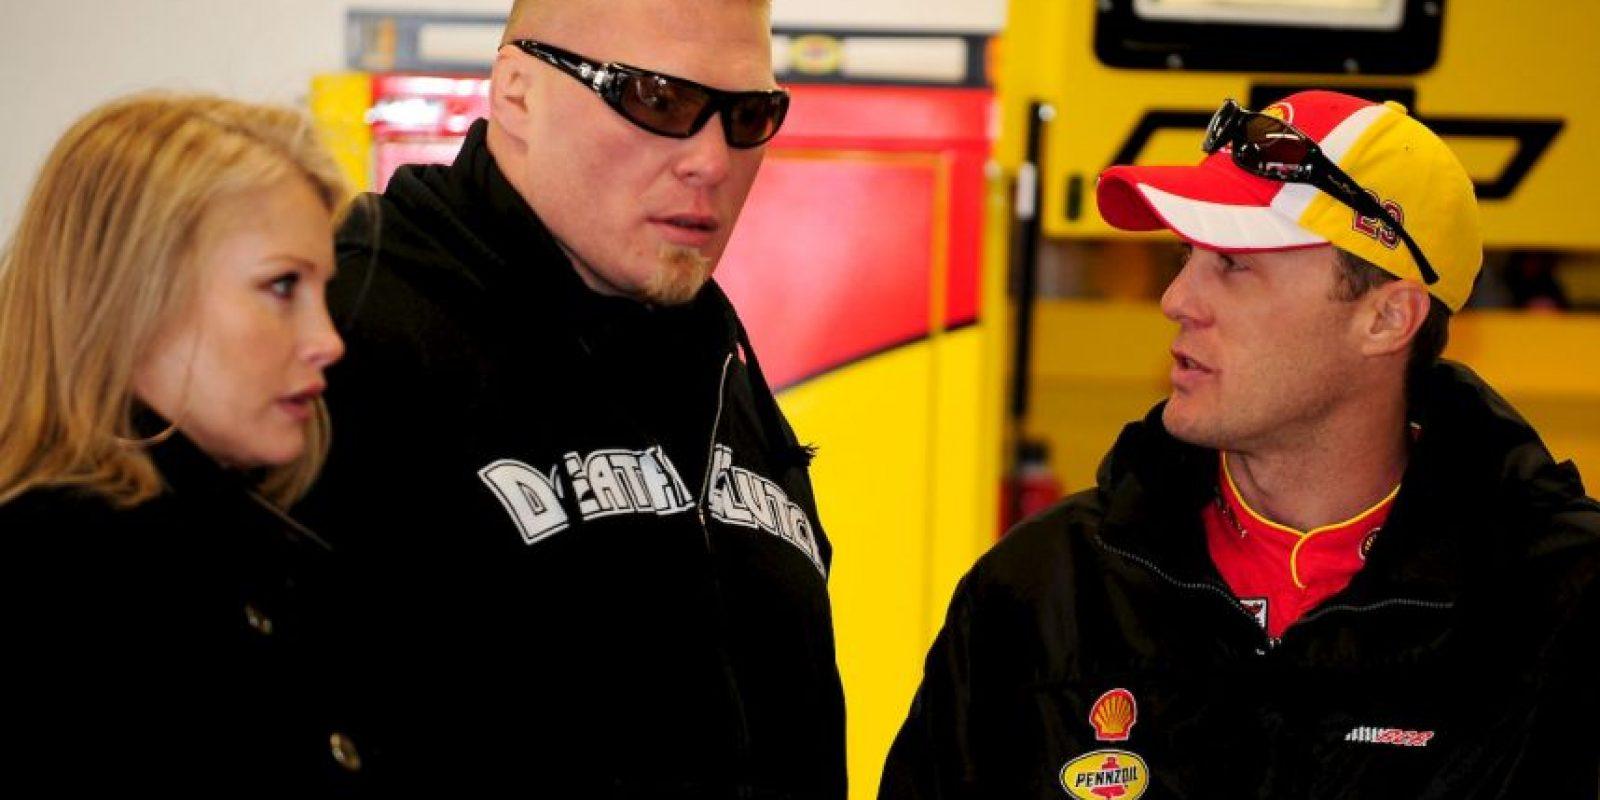 Sable es la mujer del campeón Brock Lesnar Foto:Getty